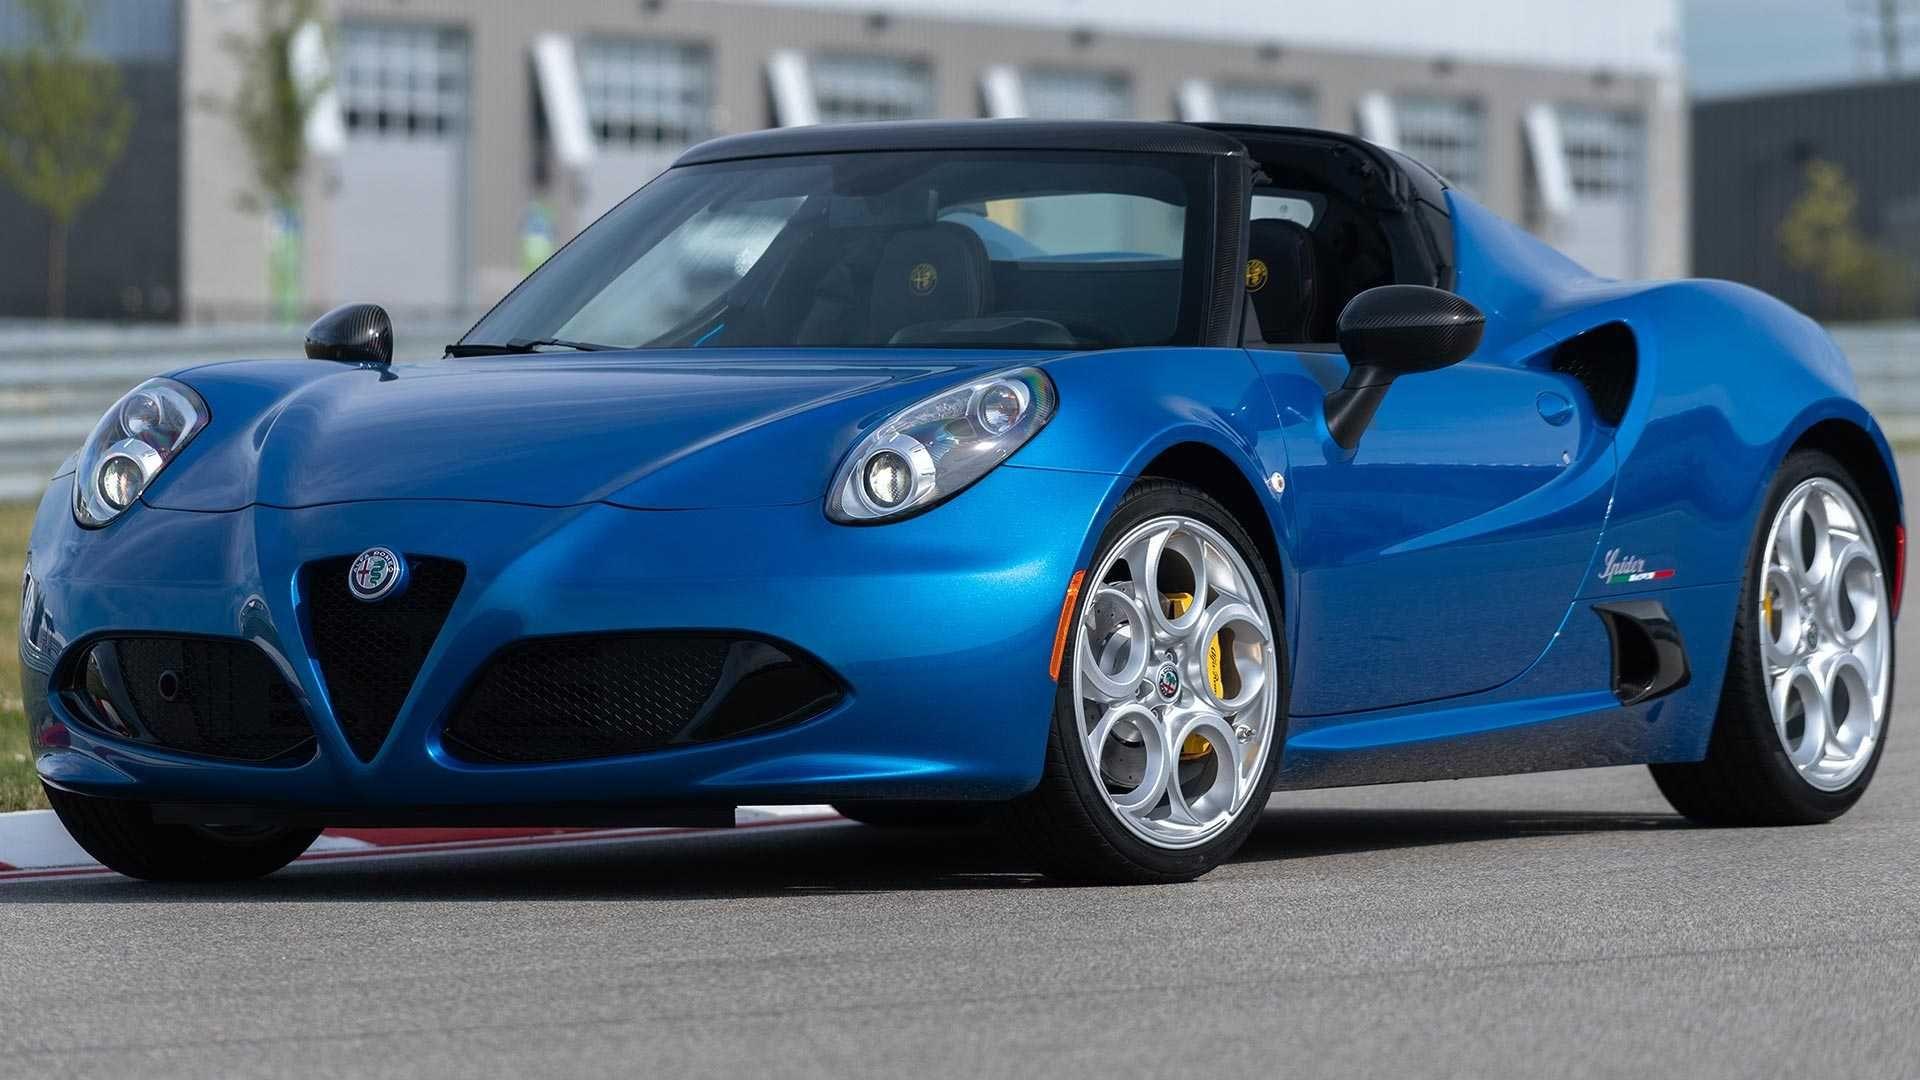 2020 Alfa Romeo Duetto Release Date